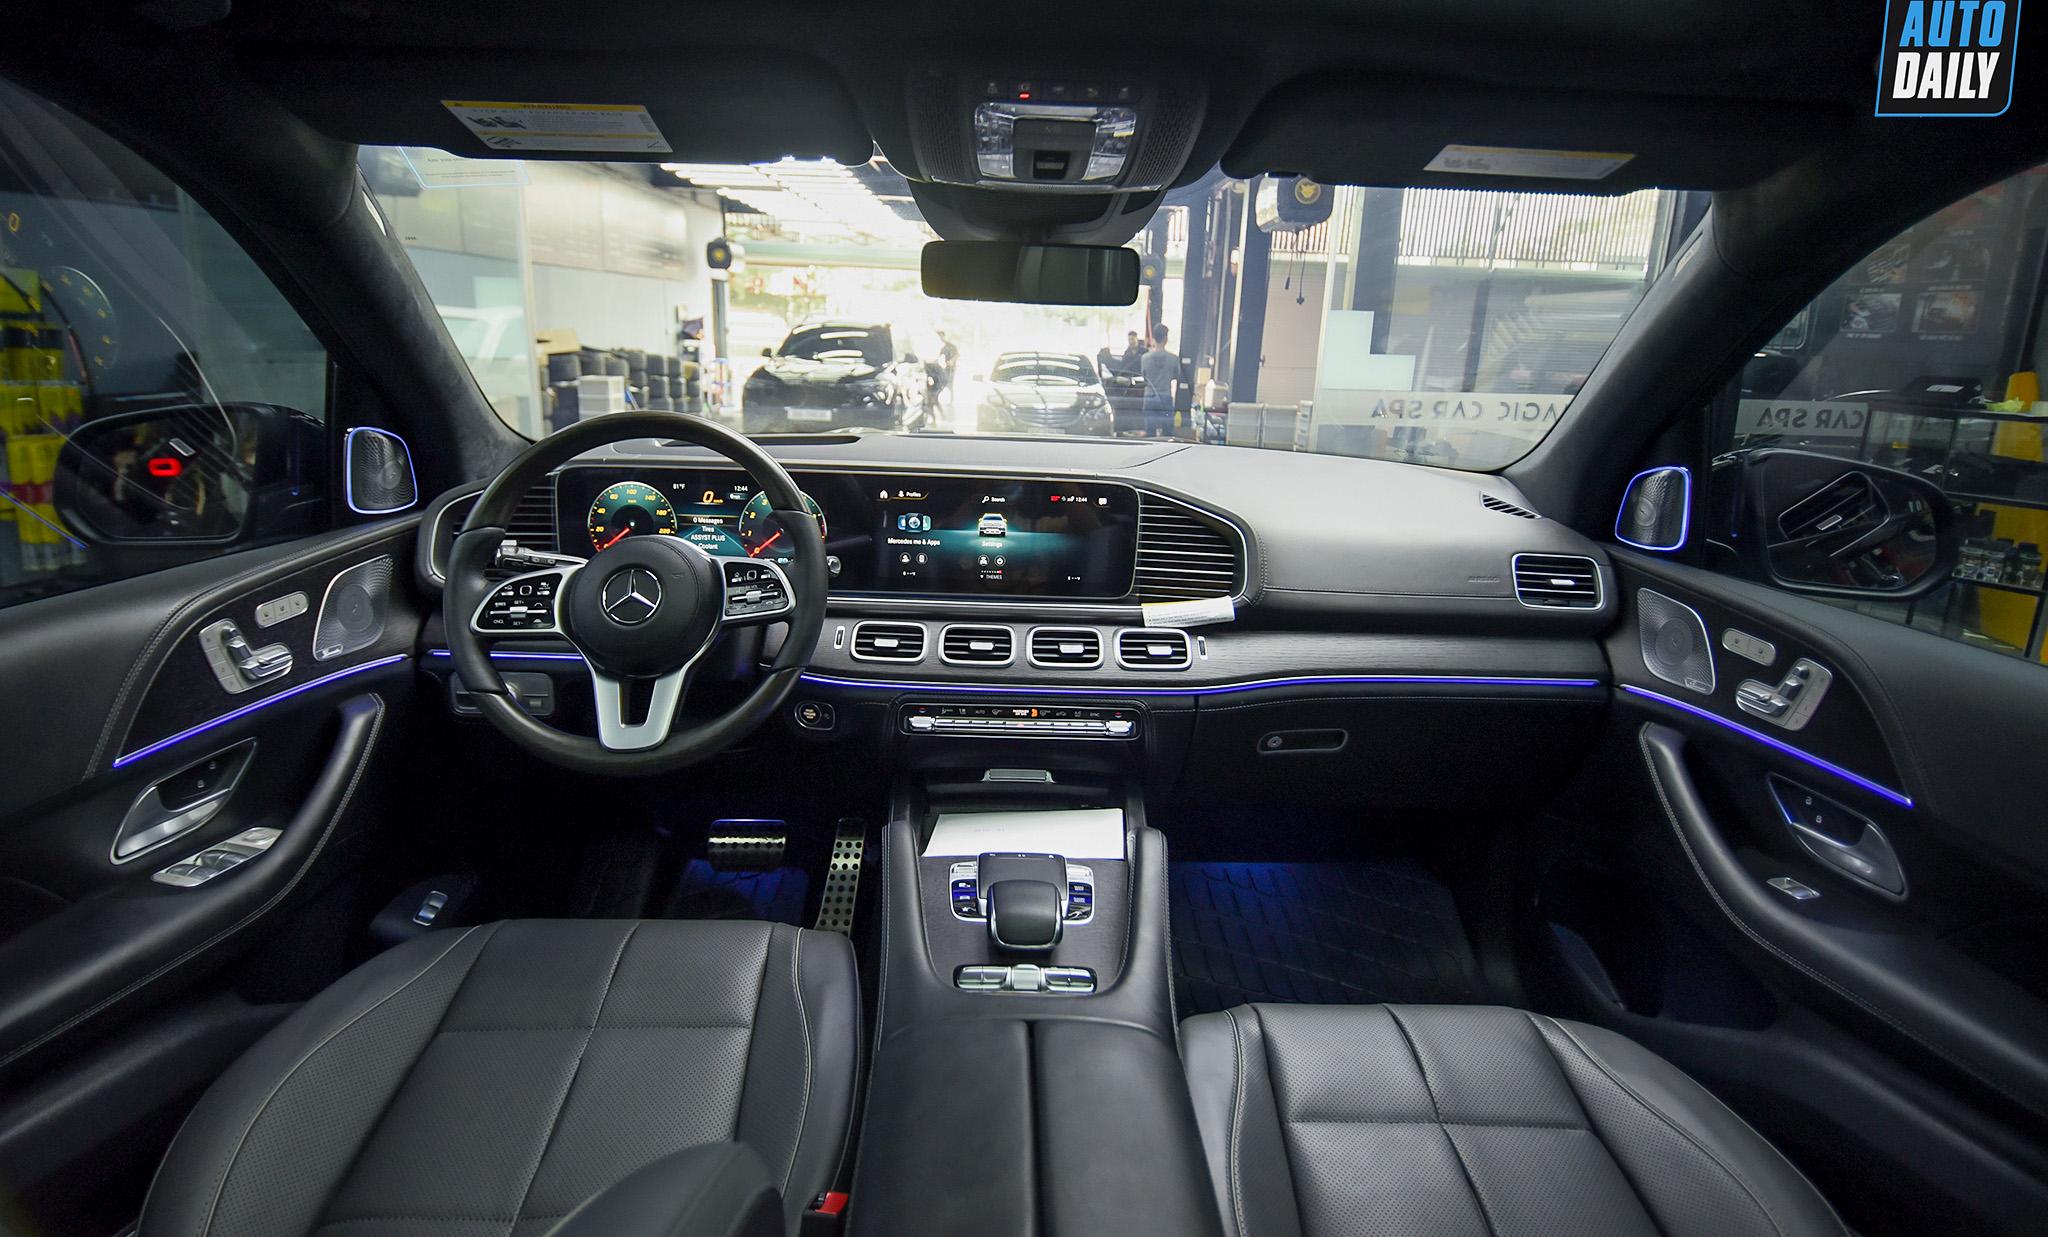 Hàng hiếm Mercedes-Benz GLS 580 4Matic 2021 giá hơn 9 tỷ tại Hà Nội Mercedes-Benz GLS 580 4Matic nhập Mỹ giá hơn 9 tỷ về Việt Nam 22.jpg